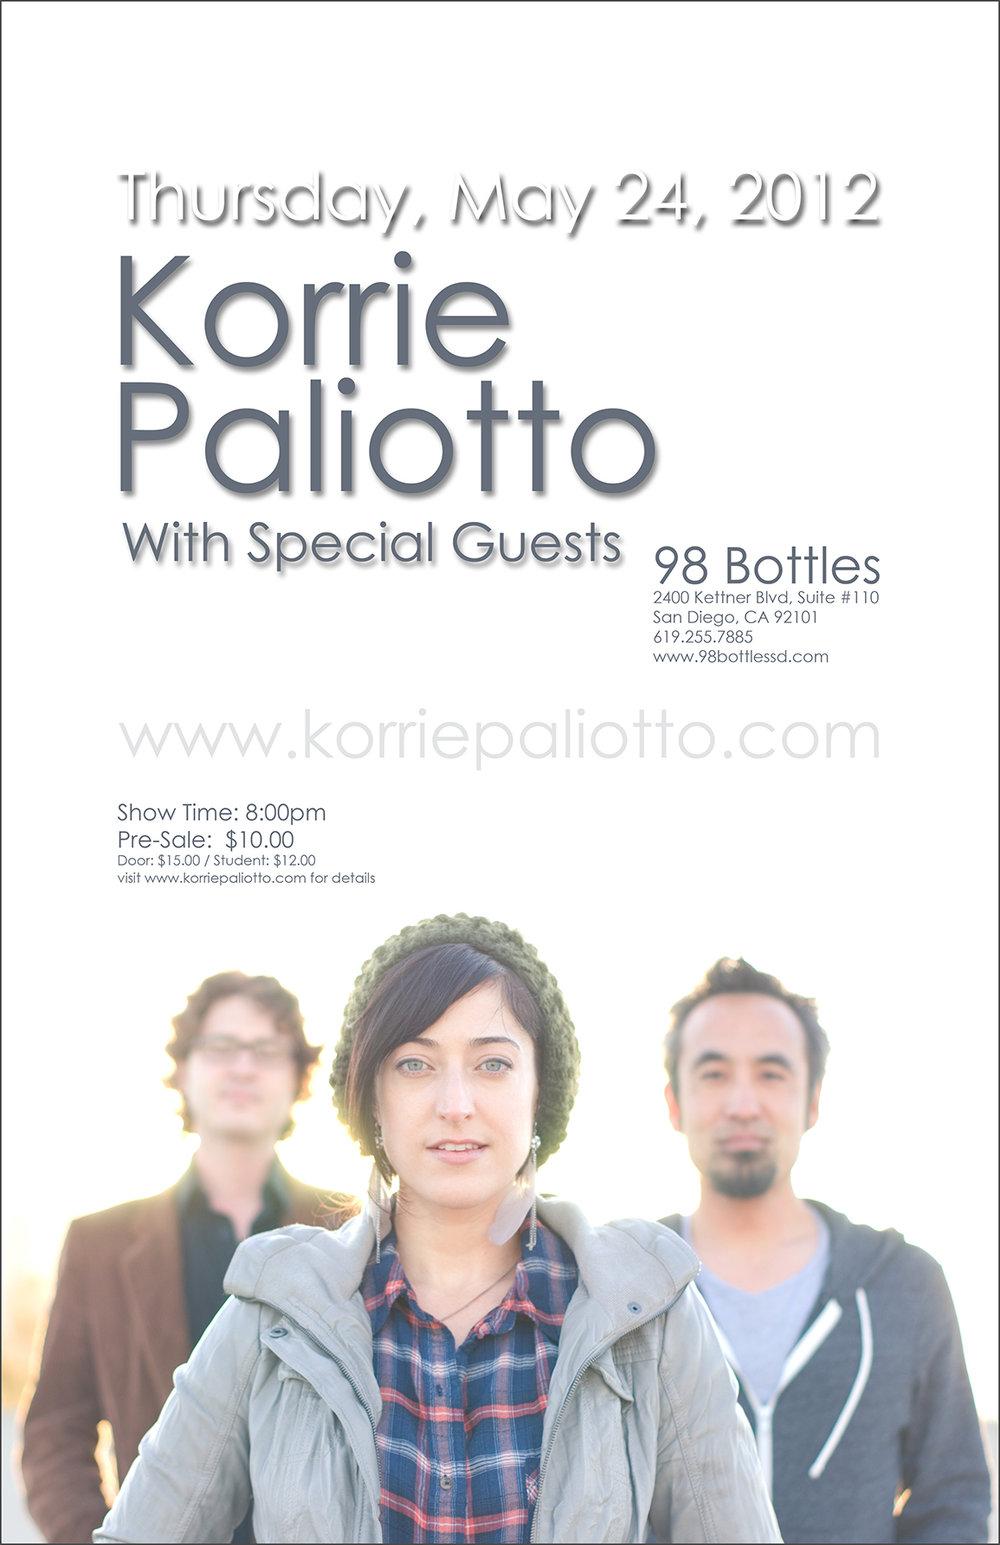 Poster - Korrie Paliotto.jpg